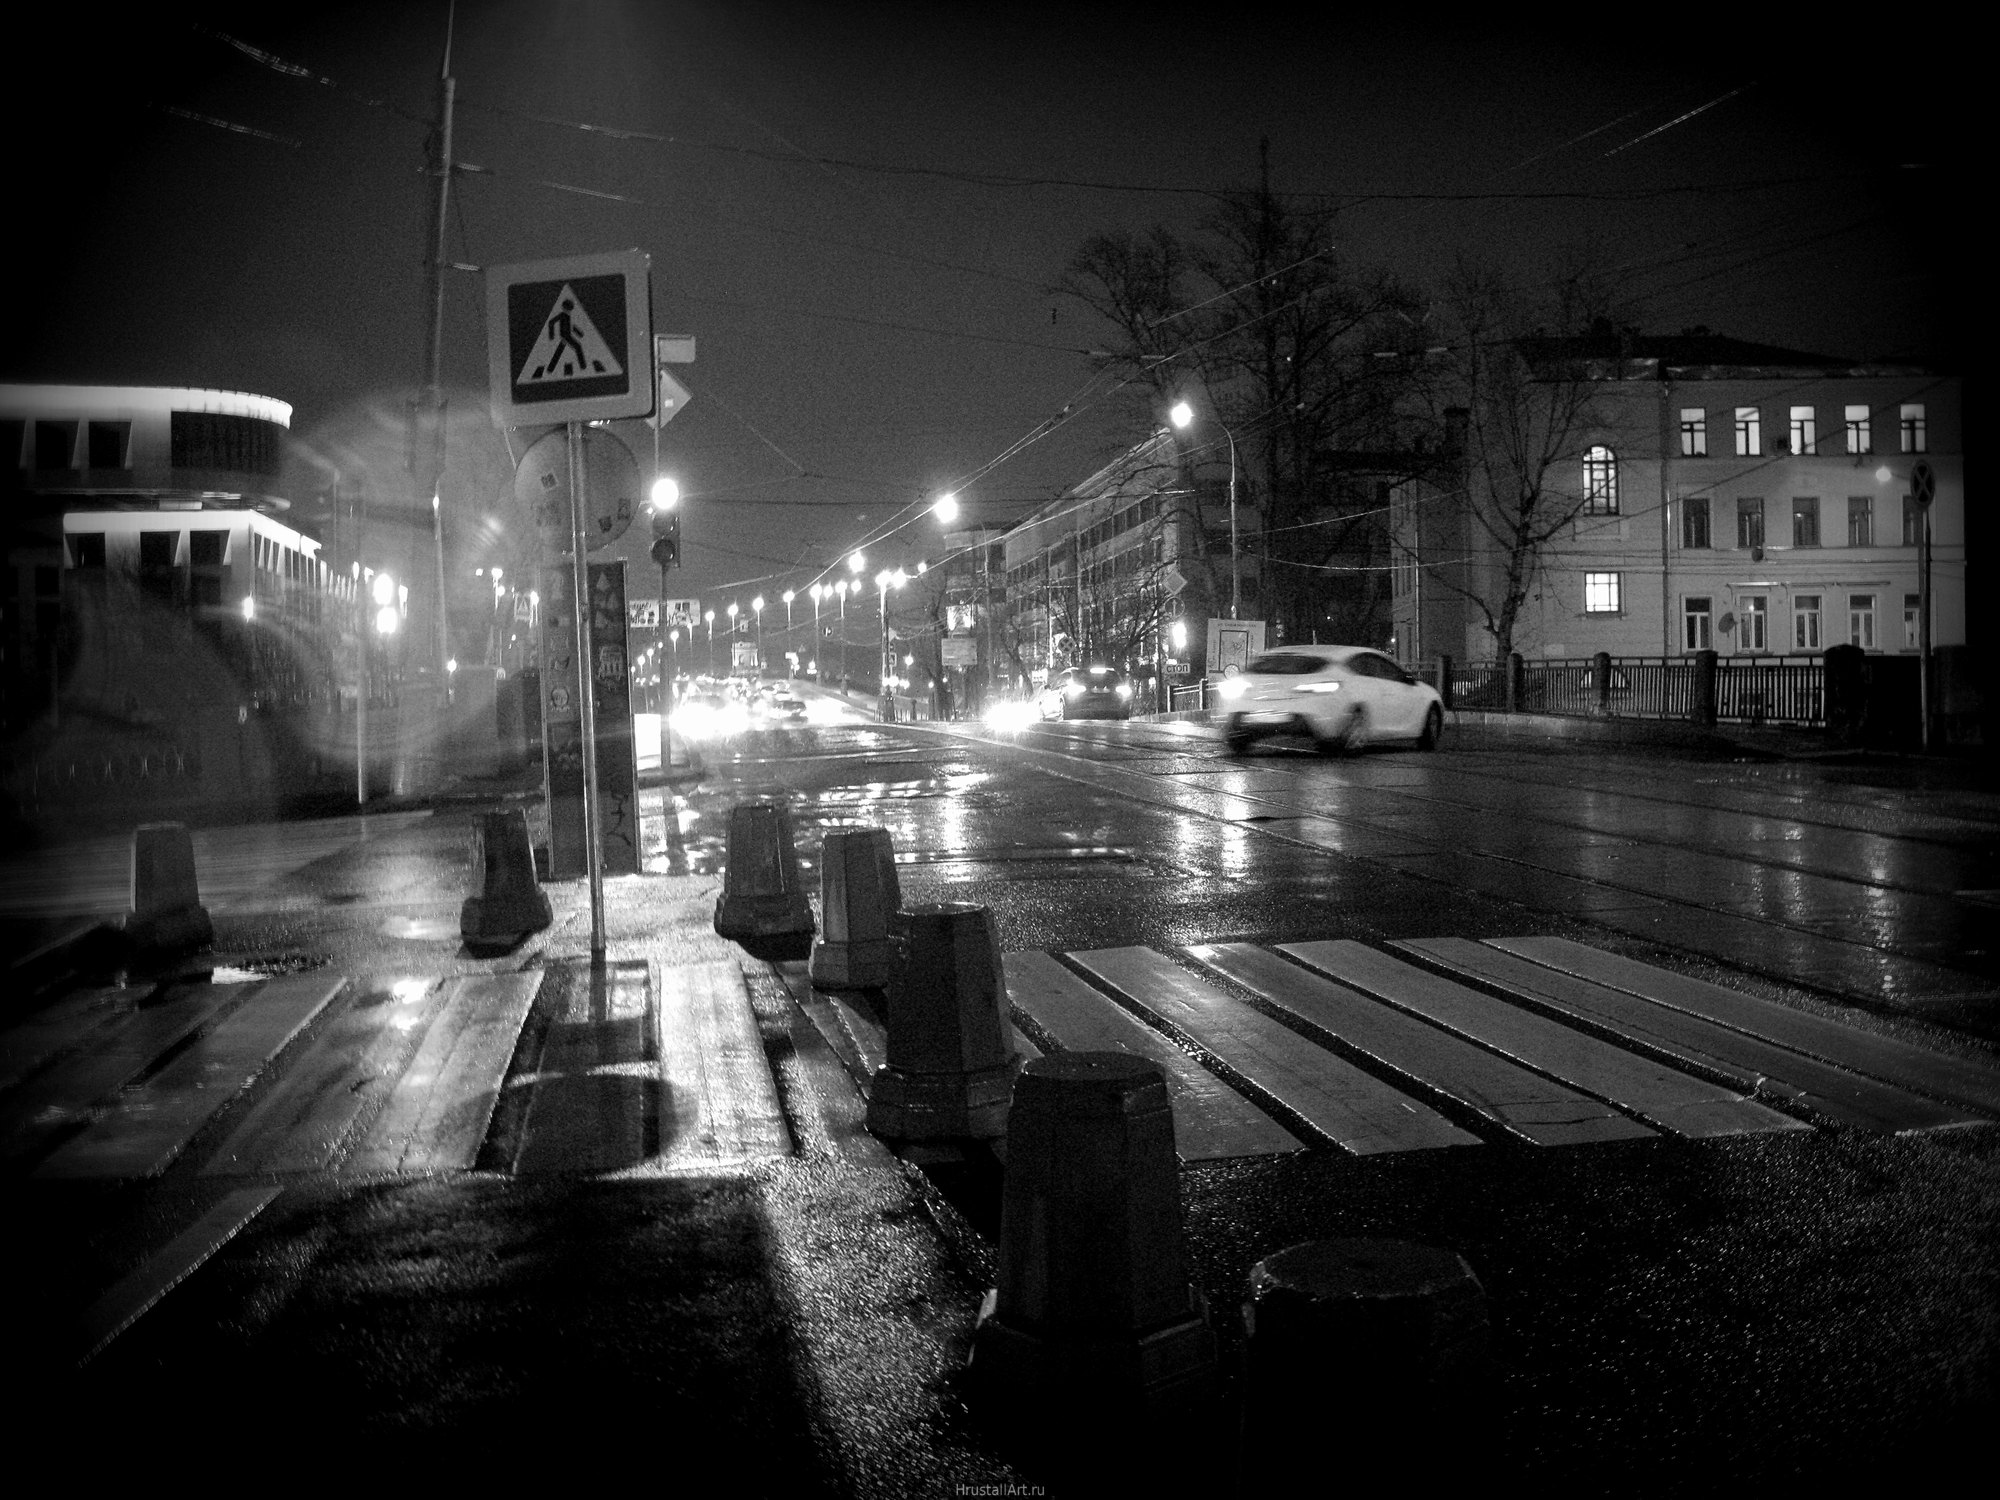 Дождливая ночь в городе, перекрёсток